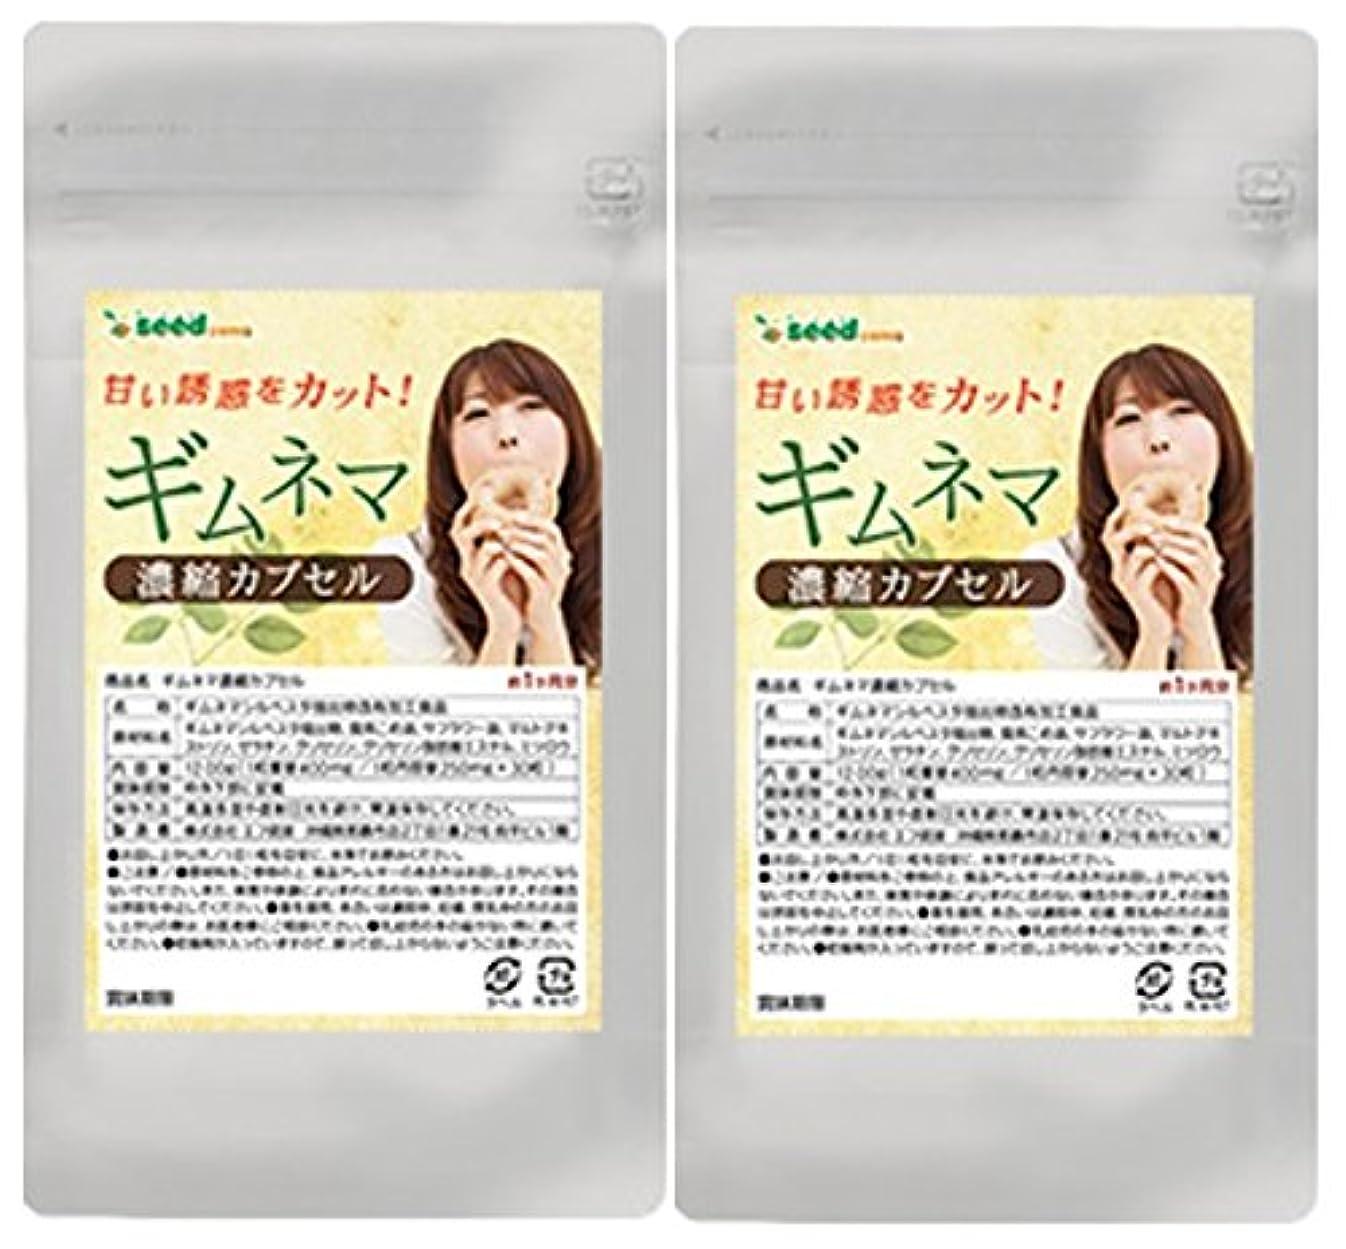 アイザック天使ダーリンギムネマ濃縮カプセル (約6ヶ月分/180粒) ダイエットの天敵『糖分』が気になる方へ!